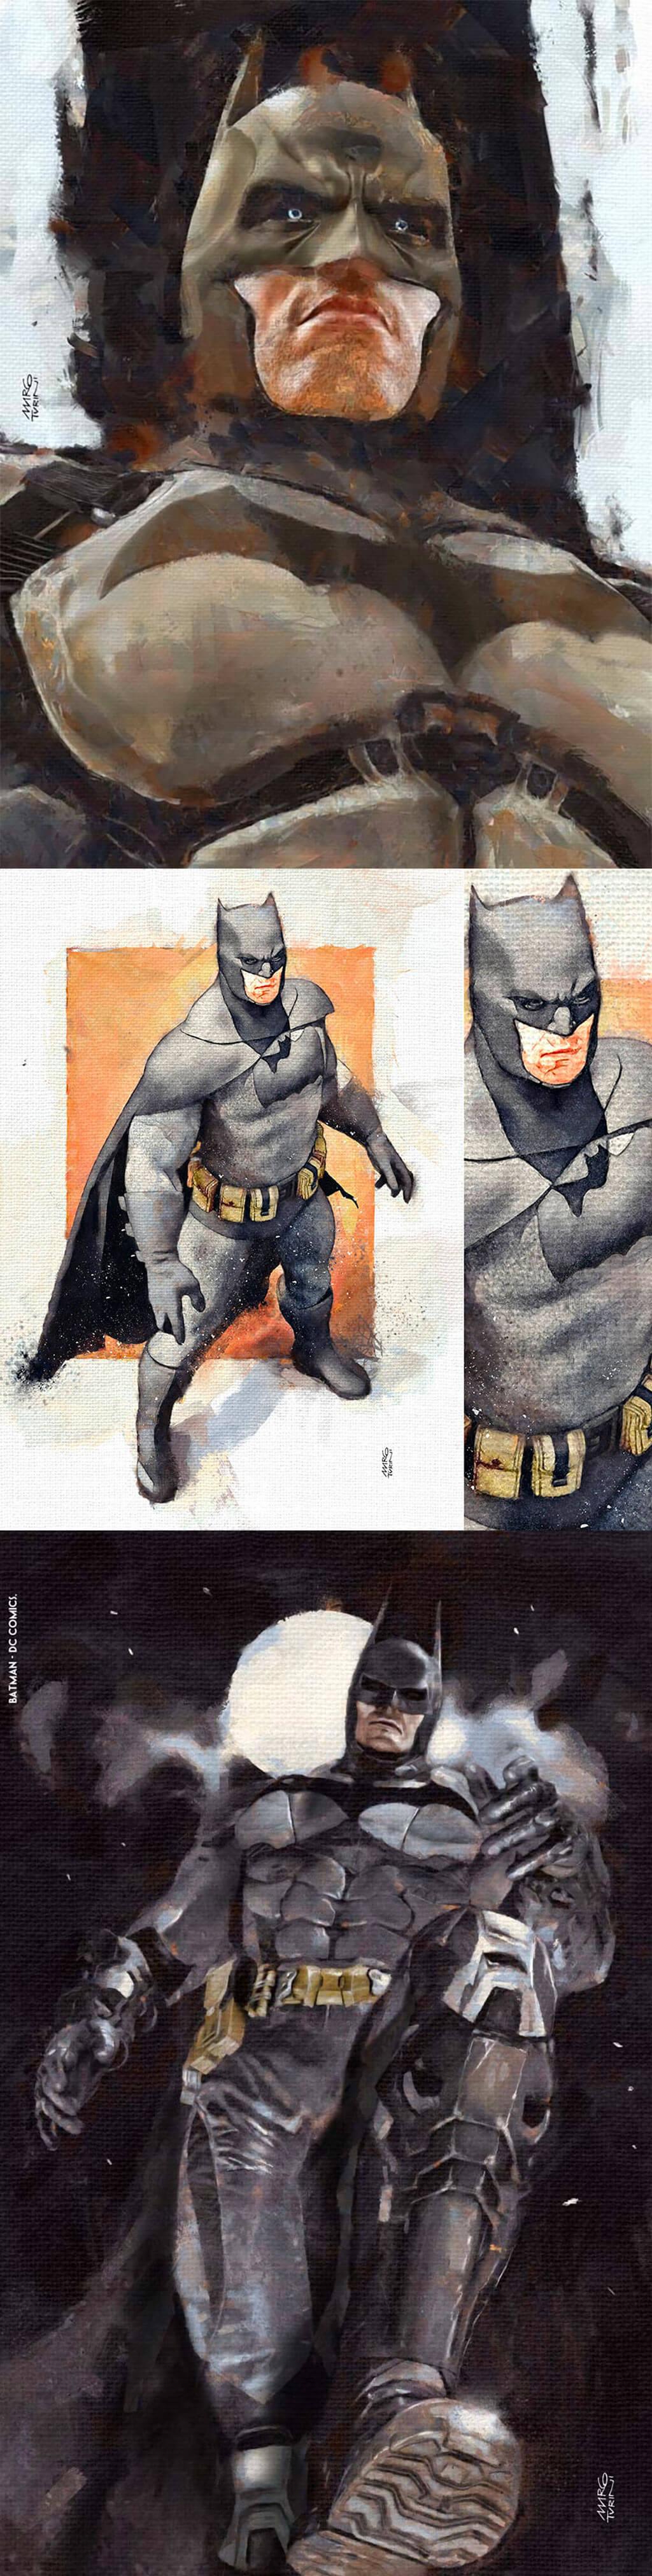 Batman Fan Art by Marco Turini